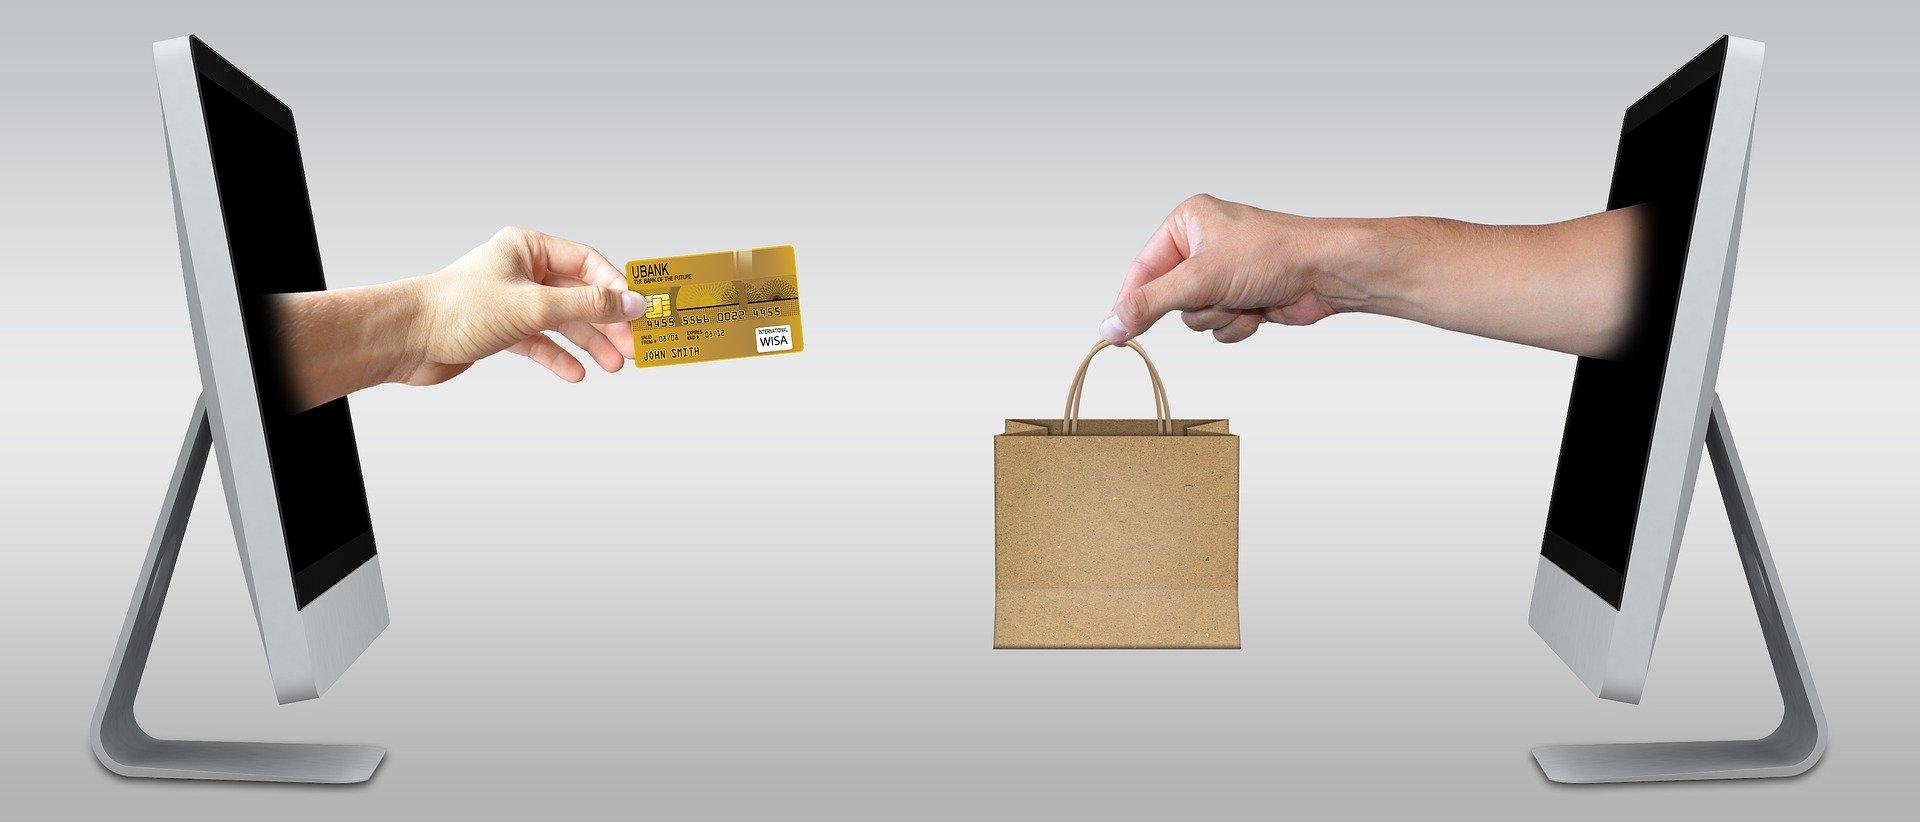 ココナラは出品してもすぐには売れない!売れるサービスを出品するためのリサーチ法・裏ワザを公開。